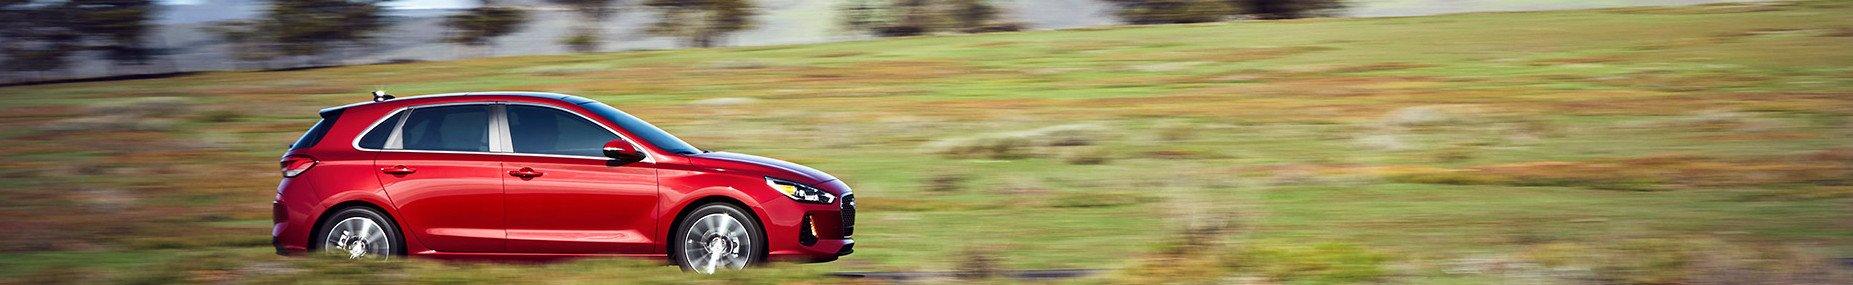 2018-Hyundai-Elantra-GT-Milton-Toronto-GTA-Feature